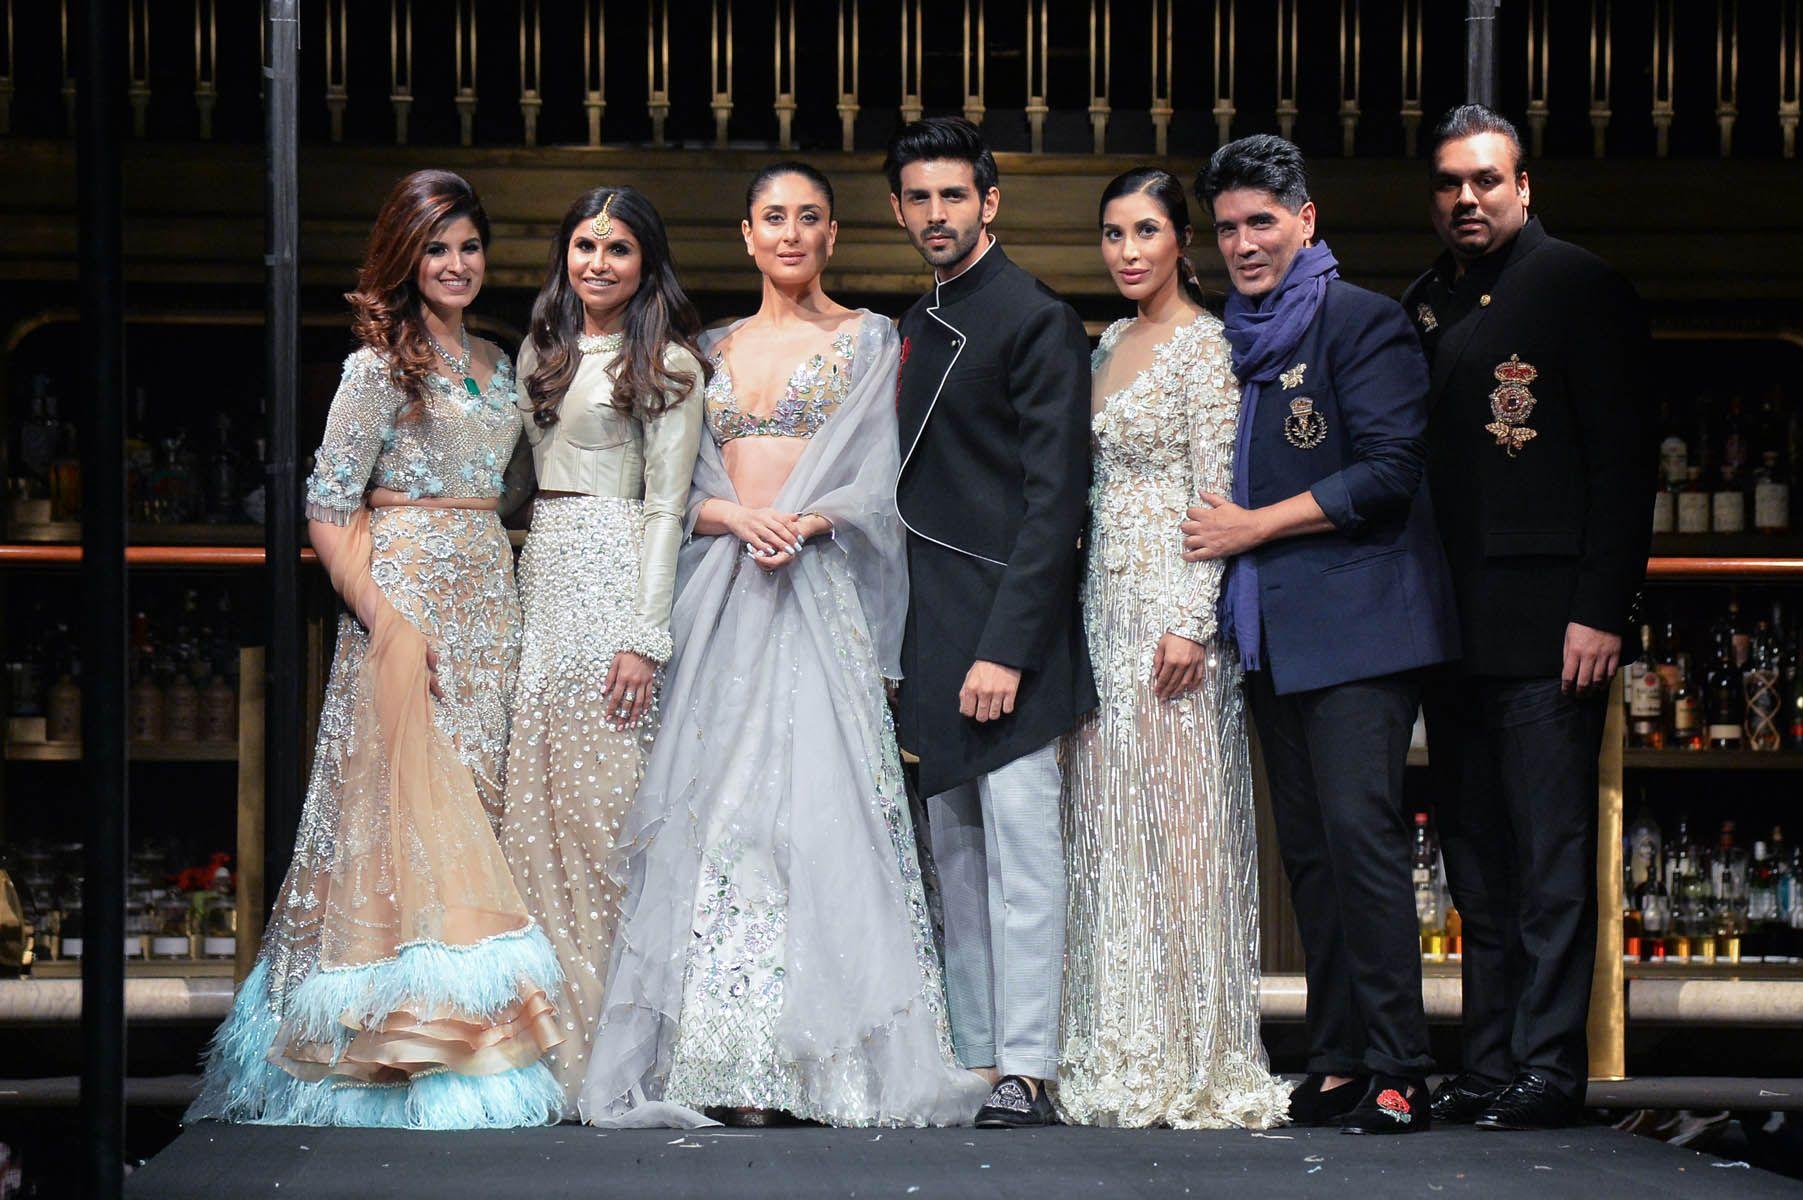 Shazreh Rahman, Kaj Fabiani, Kareena Kapoor Khan, Kartik Aaryan, Sophie Chaudhary, Manish Malhotra, Shayan F Rahman